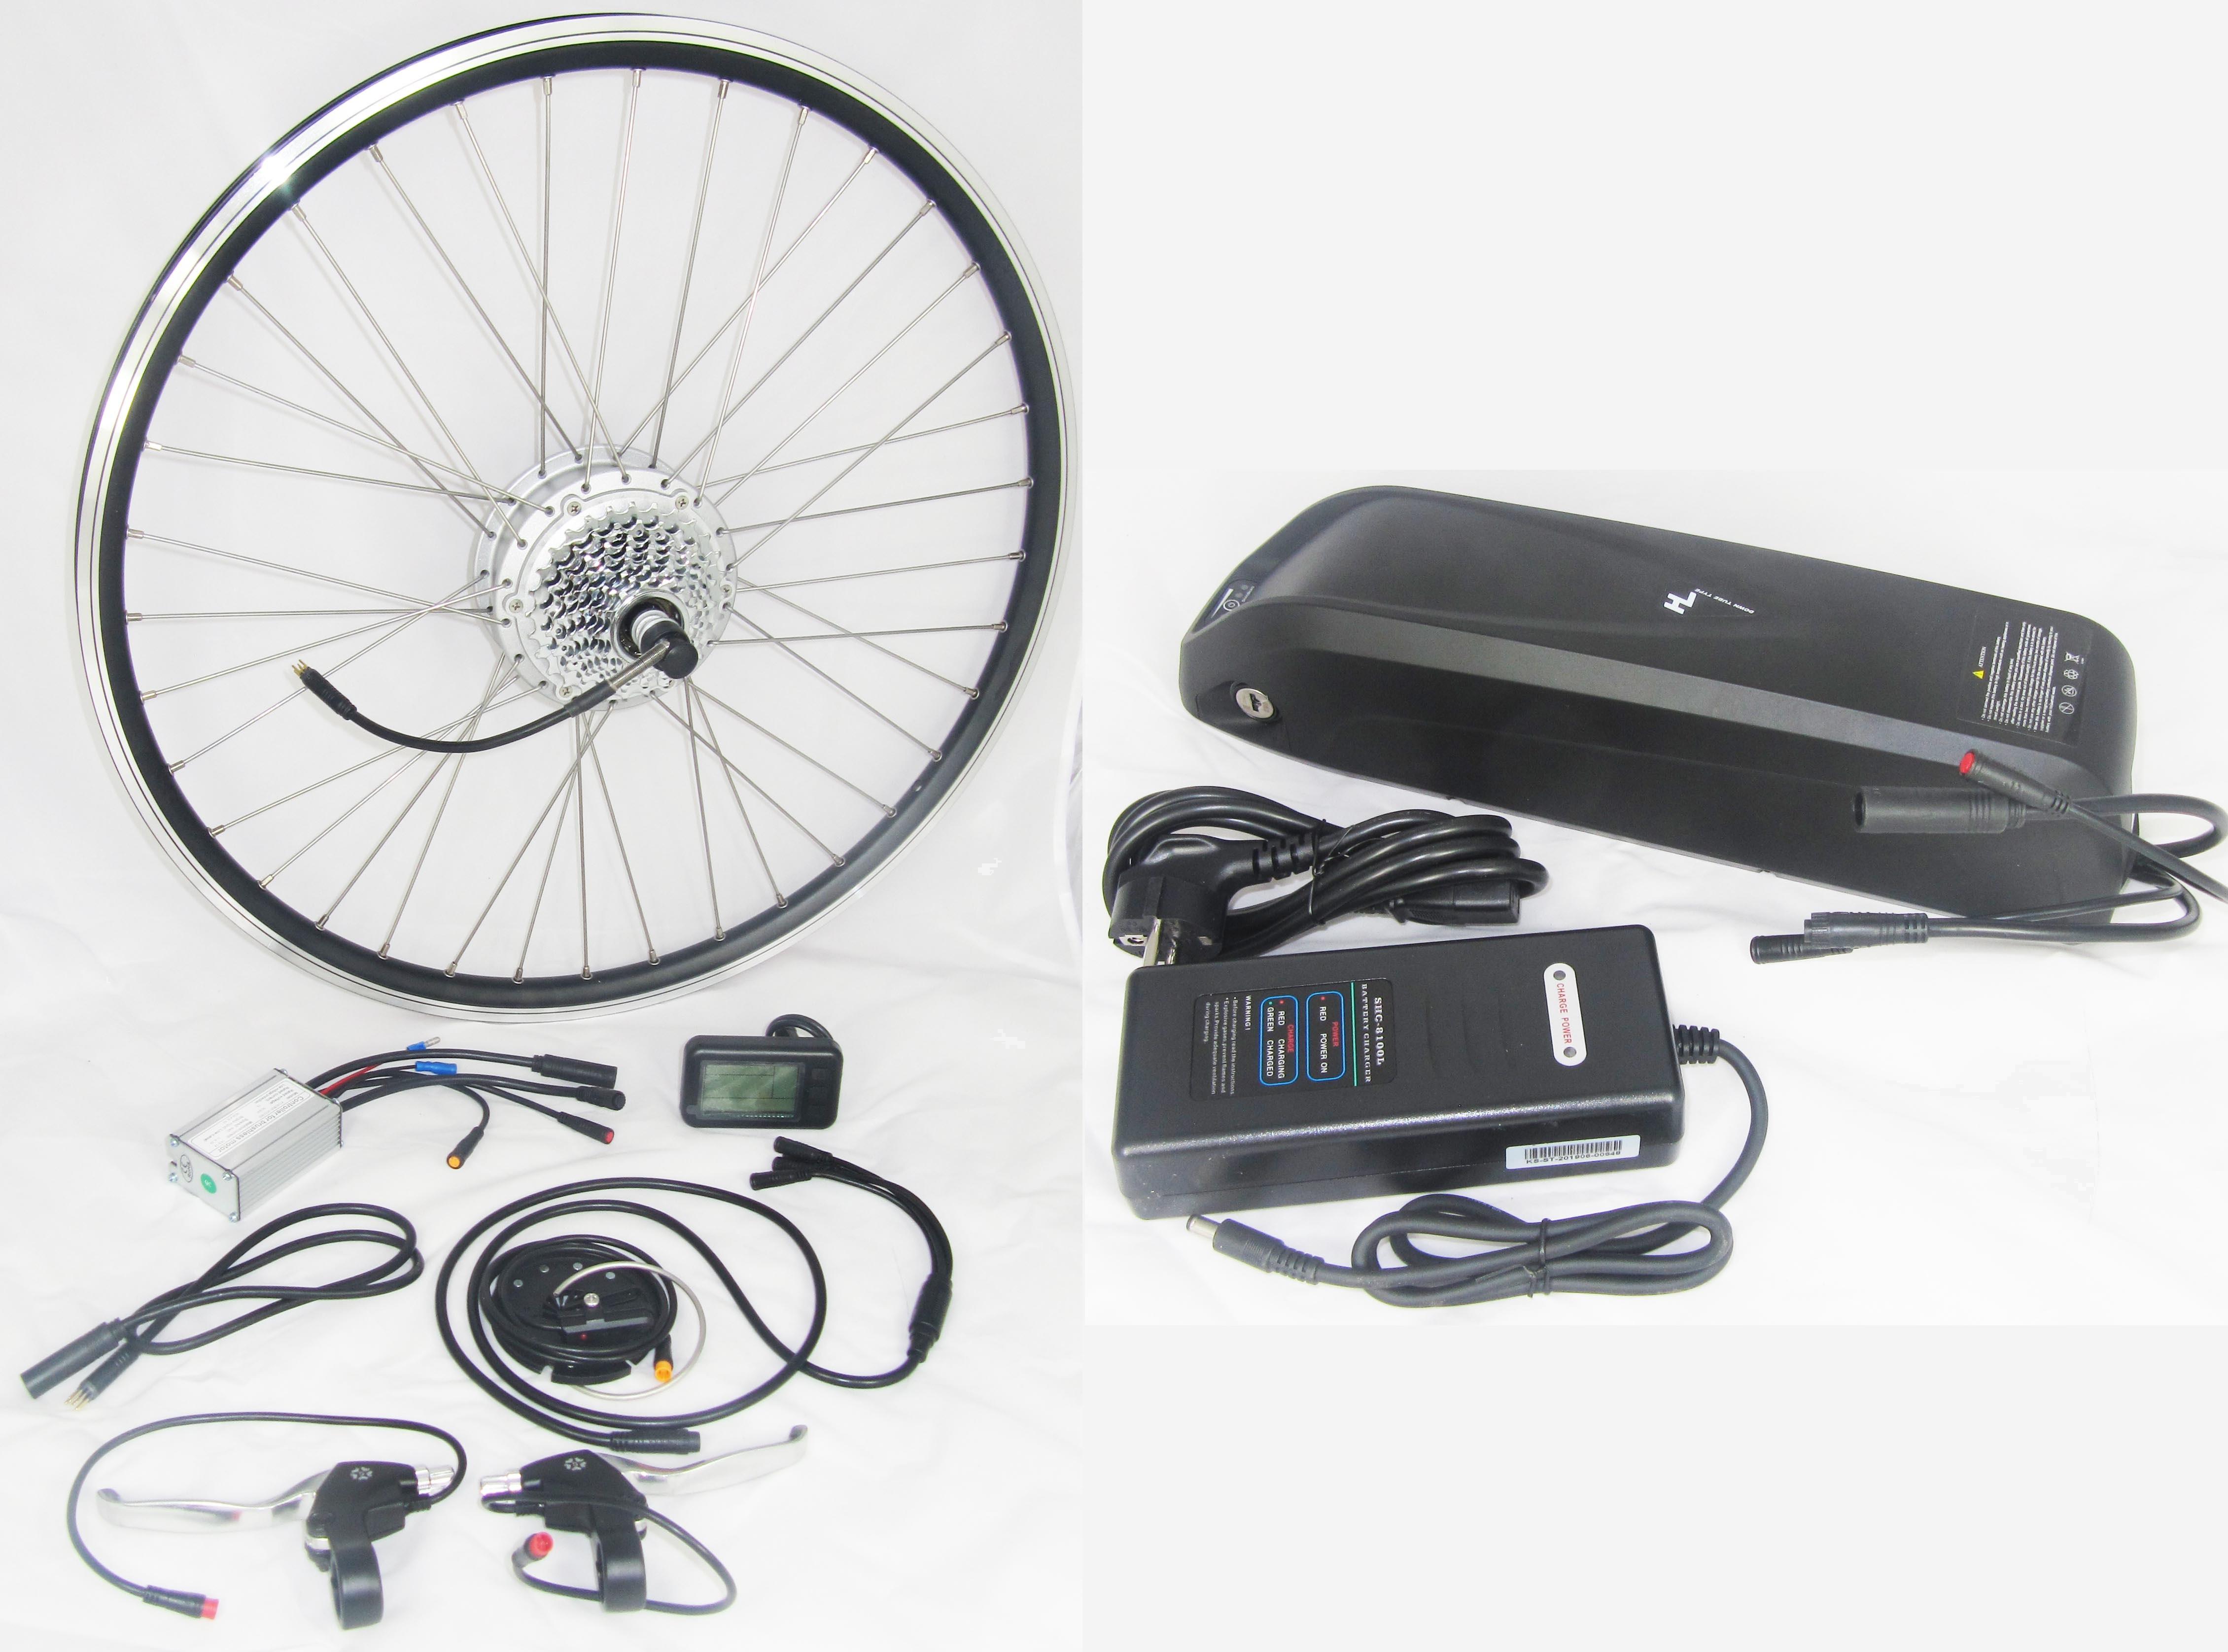 Kit City Plus arrière complet vélo électrique